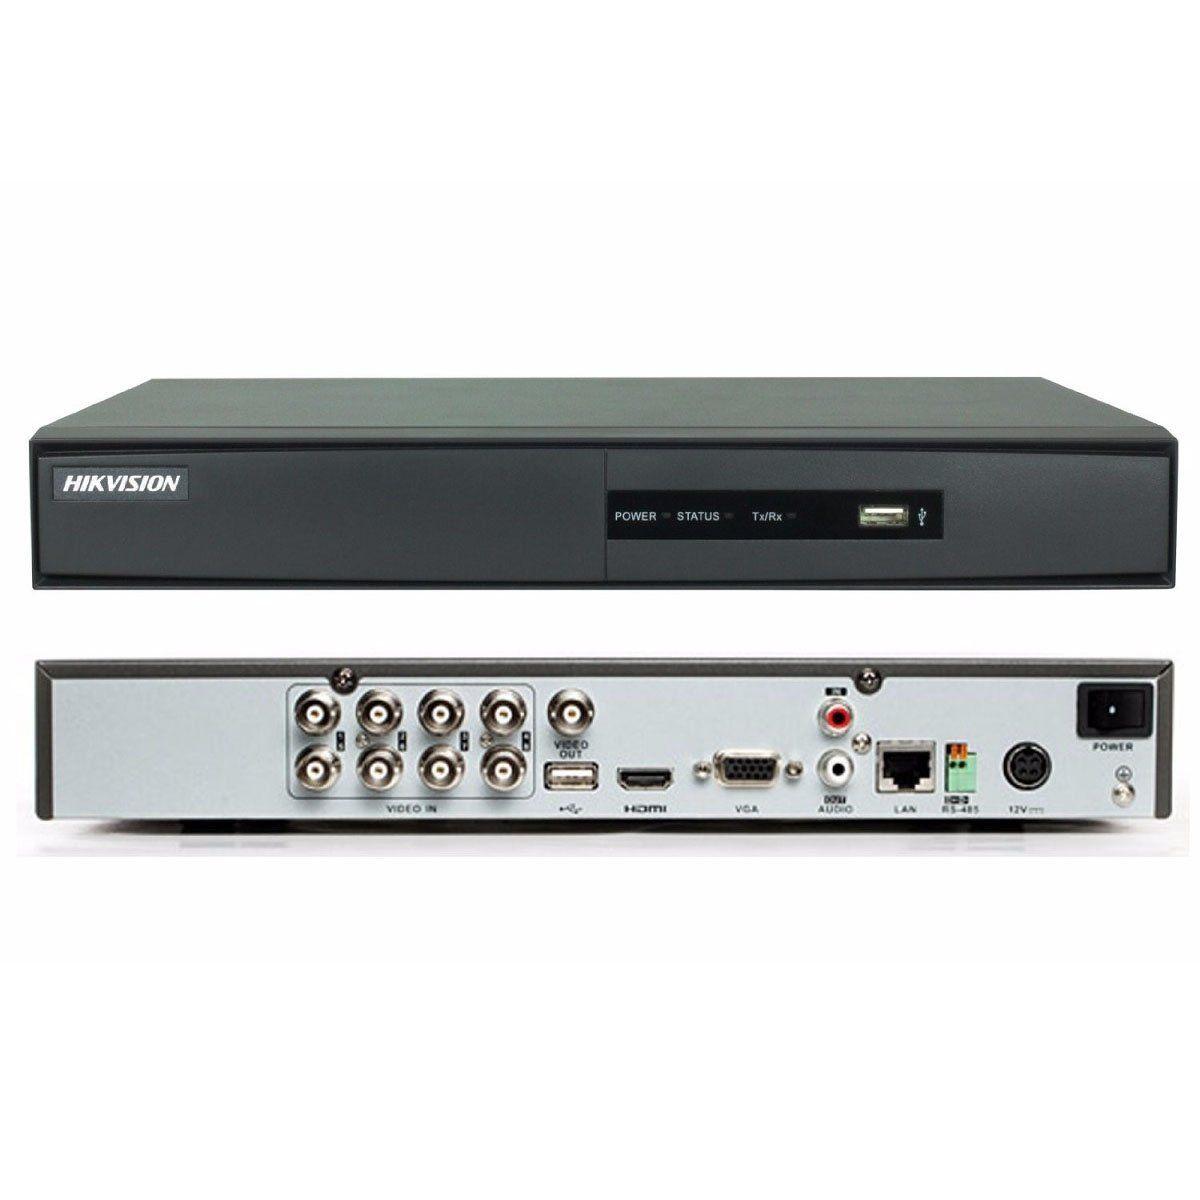 DVR HIKVISION DS-7208HGHI-F1/N ST 1T